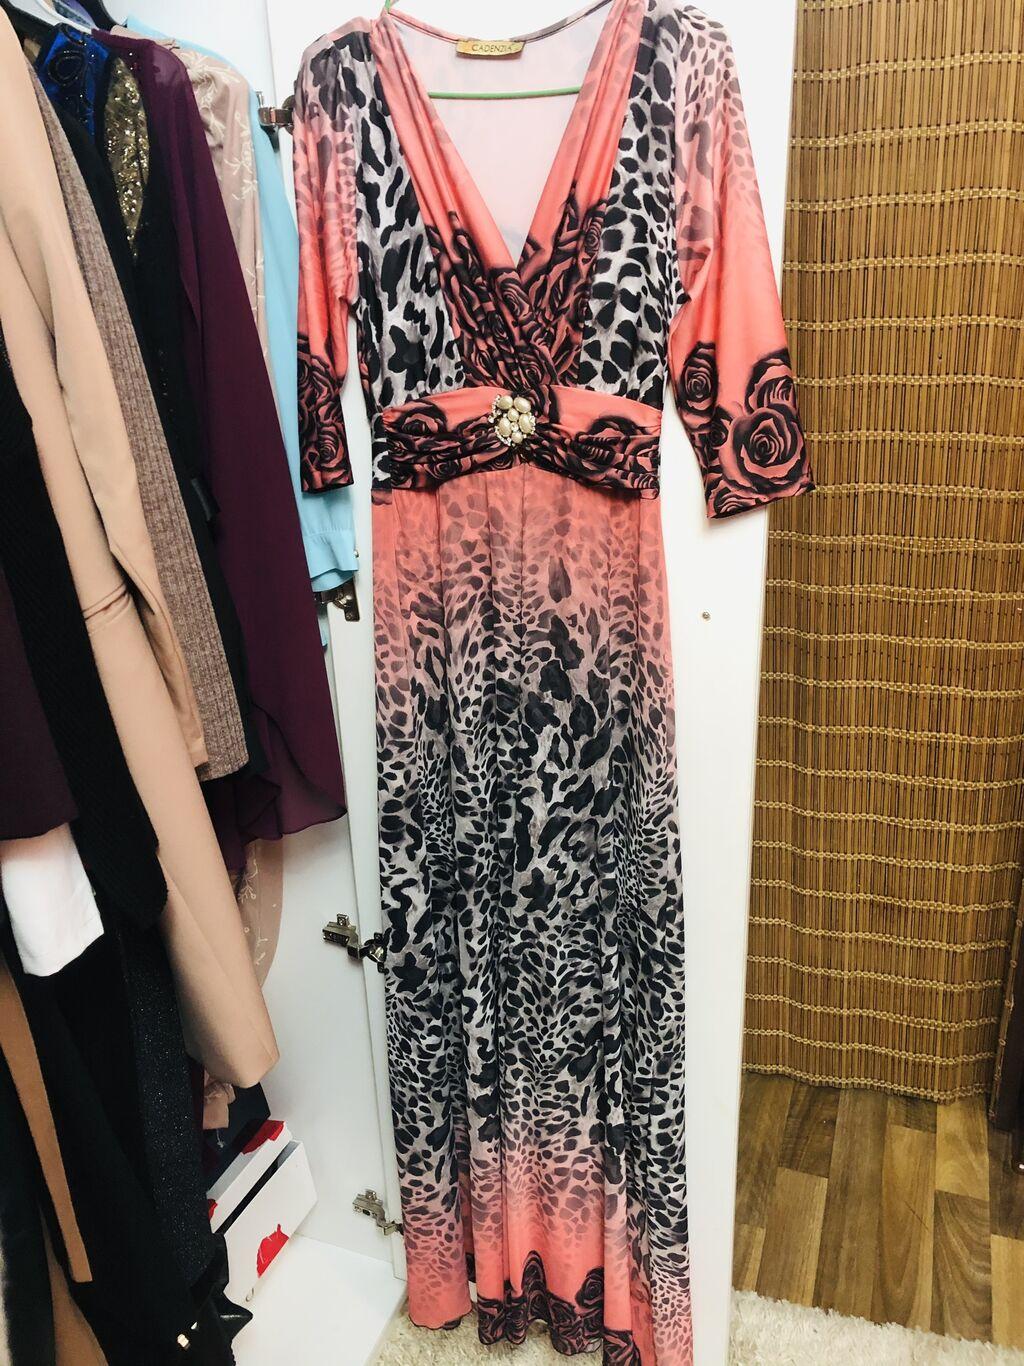 Шикарная платья Турция в отличном состоянии: Шикарная платья Турция в отличном состоянии